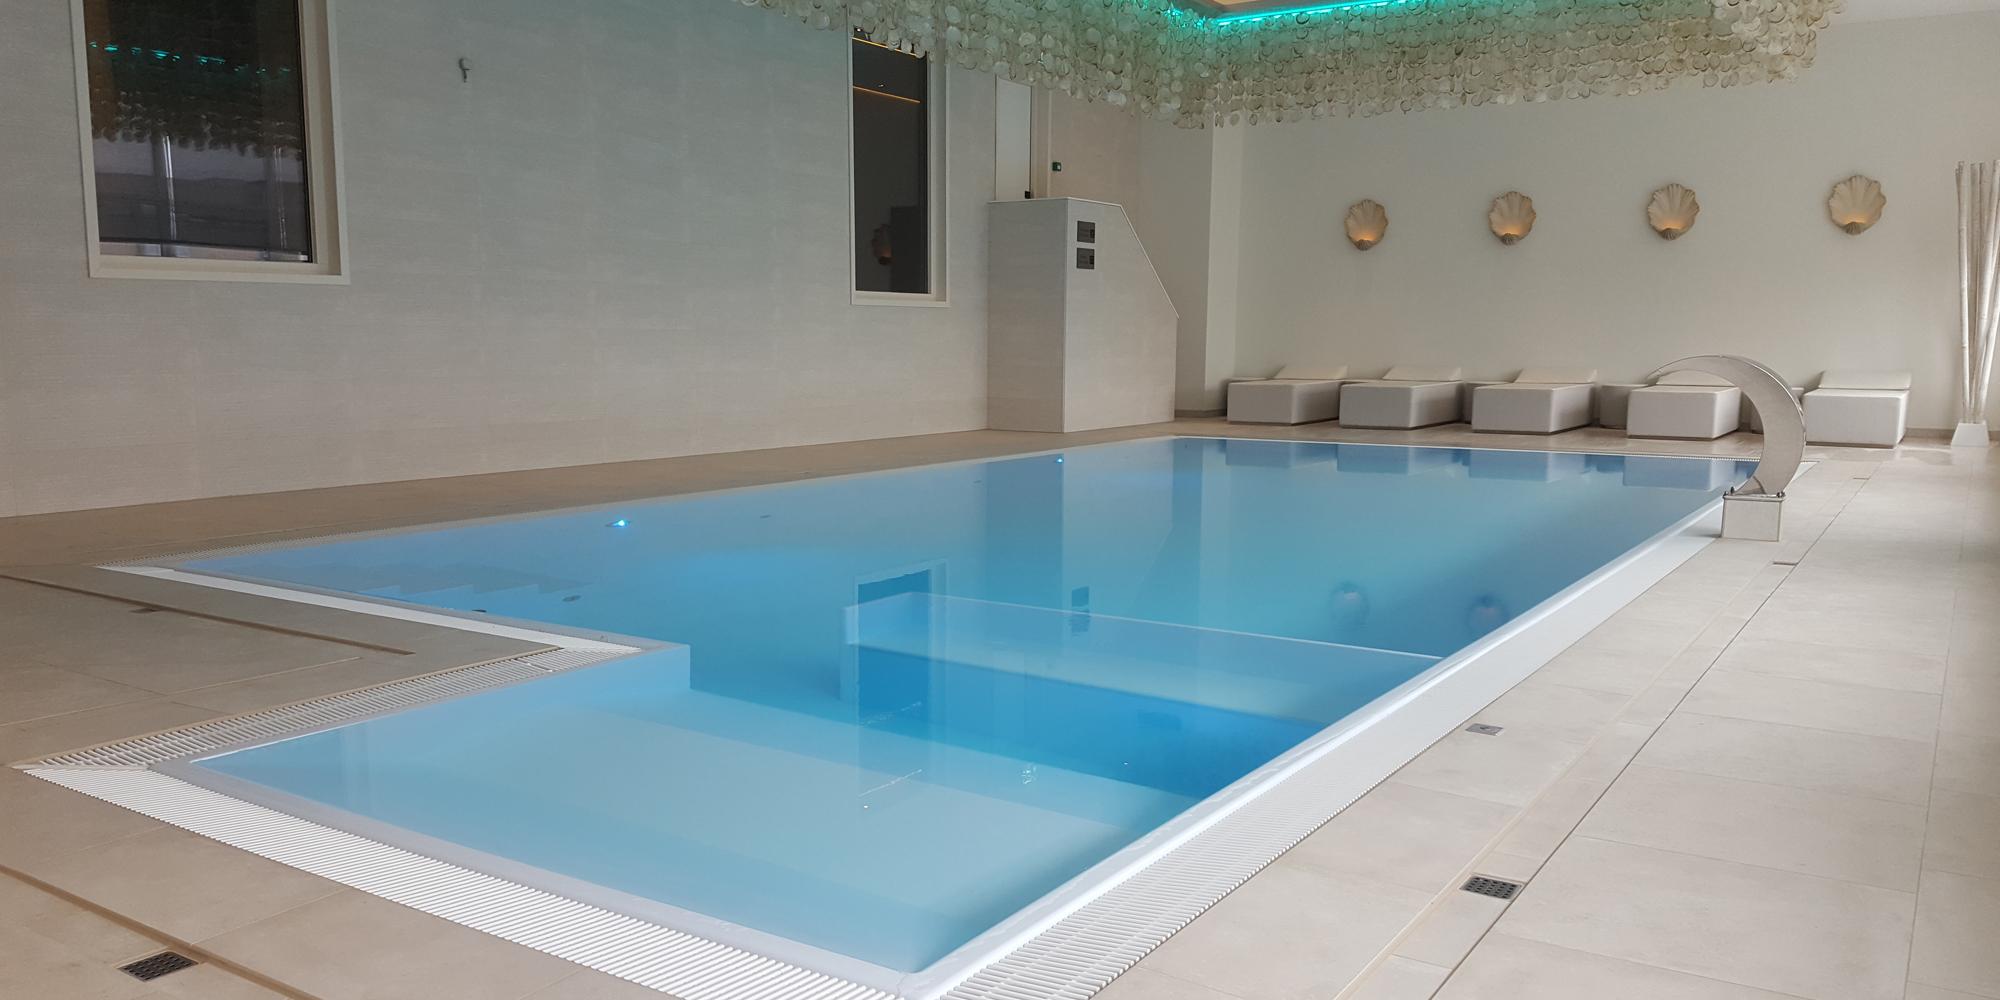 Veltmann Custom Schwimmbecken daher für Hotels